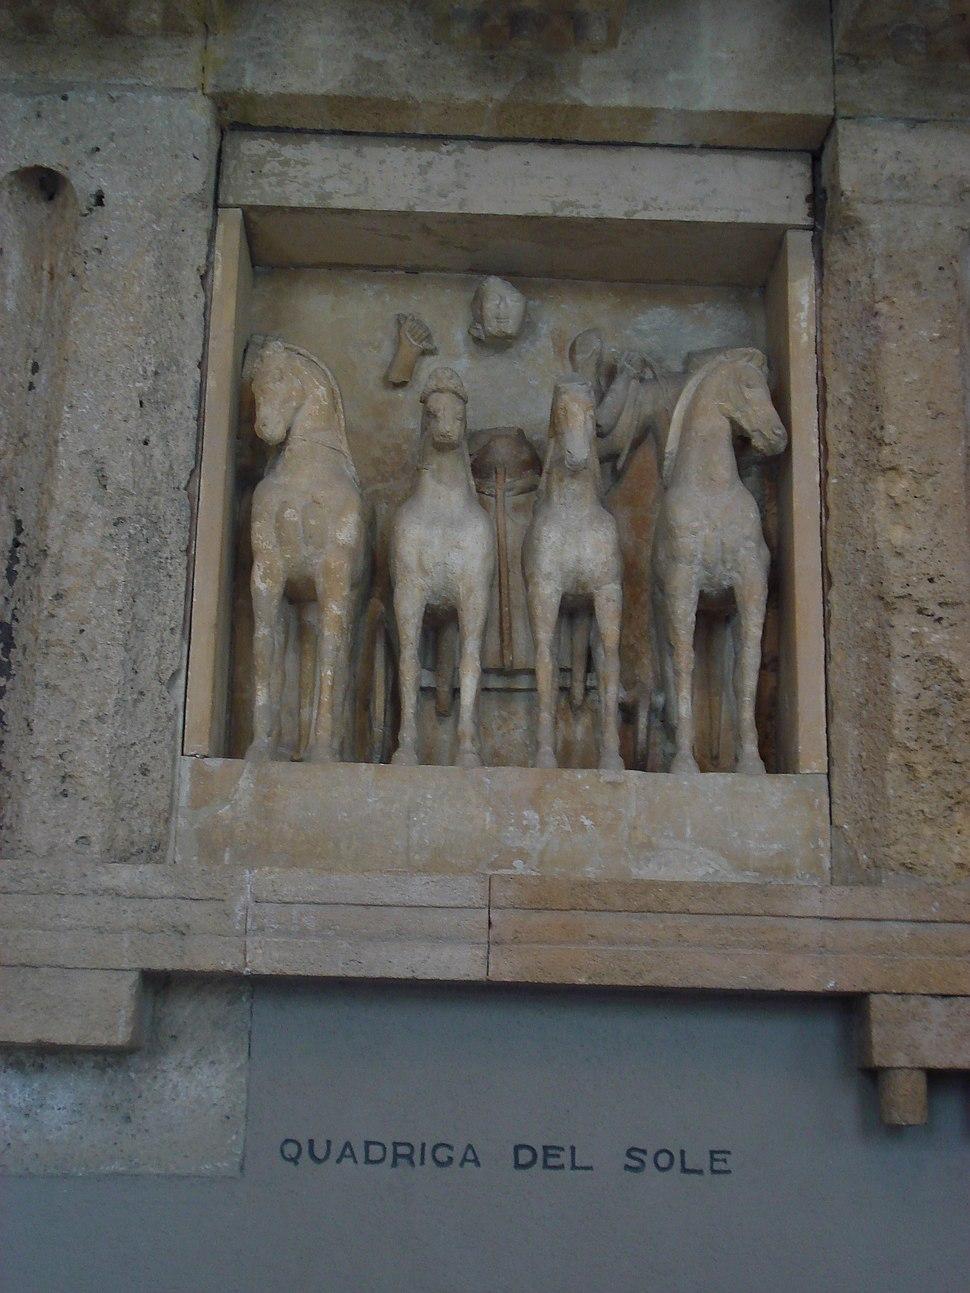 DSC00400 - Tempio C di Selinunte - Quadriga di Helios - Sec. VI a.C. - Foto G. Dall'Orto